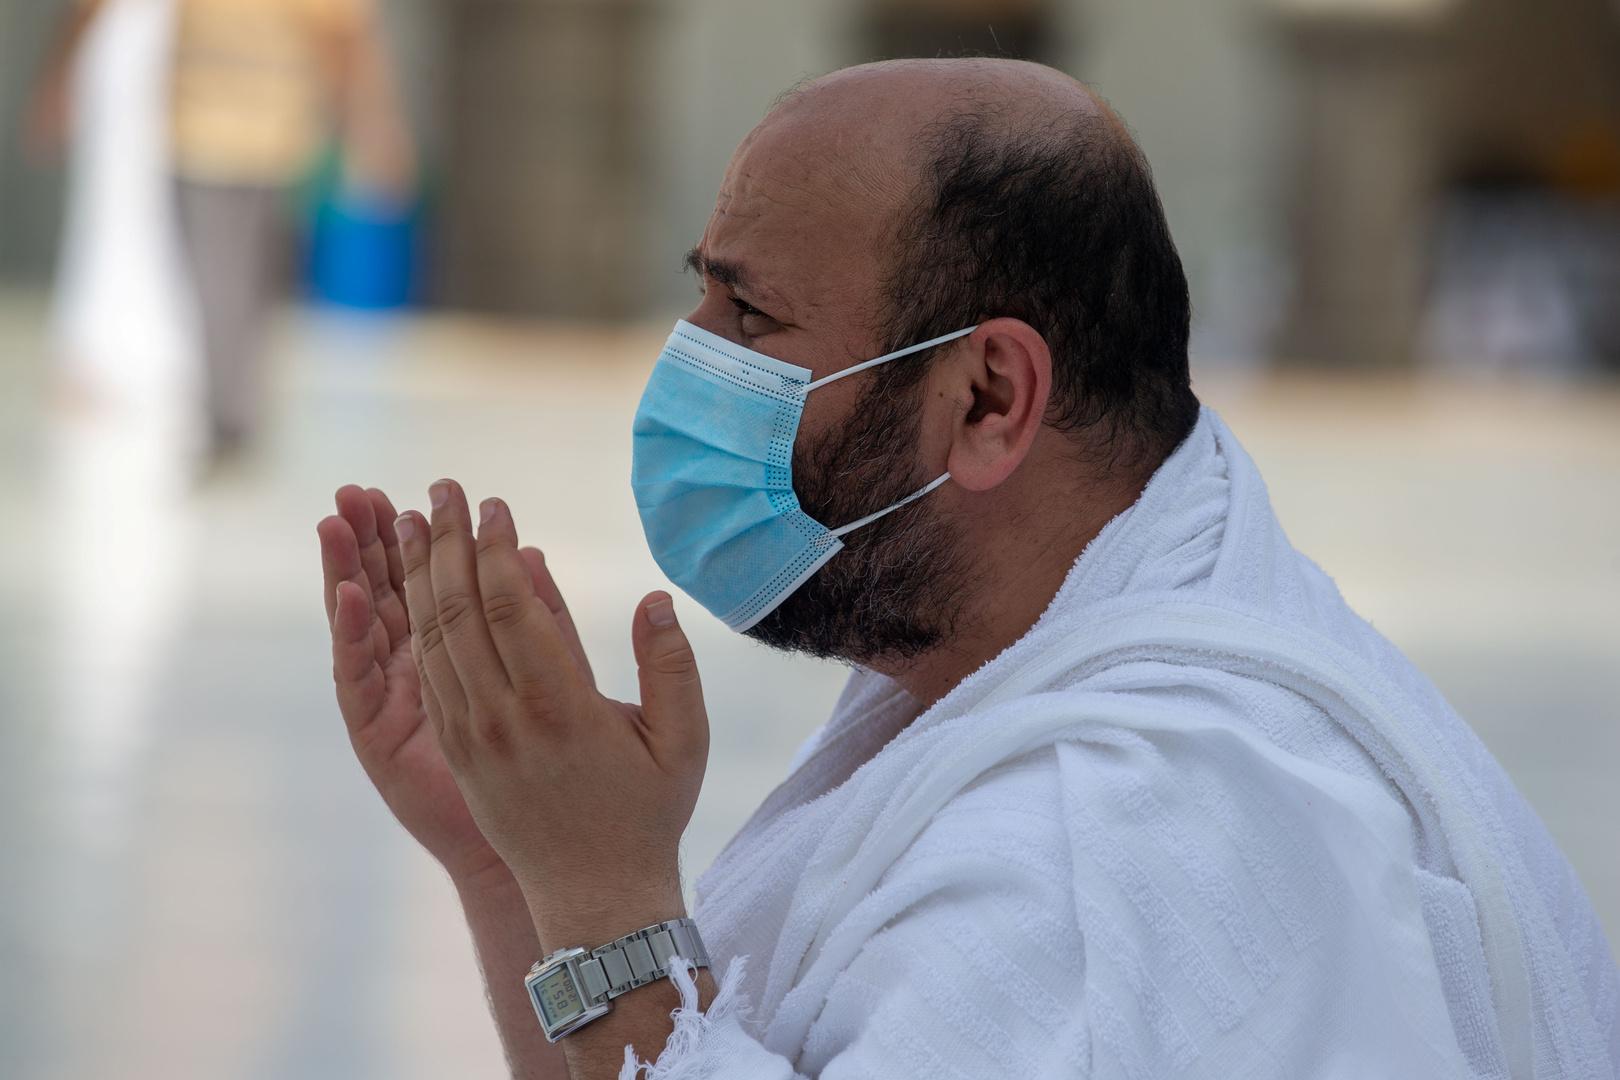 السعودية تسجل أكبر حصيلة وفيات جراء كورونا منذ ديسمبر